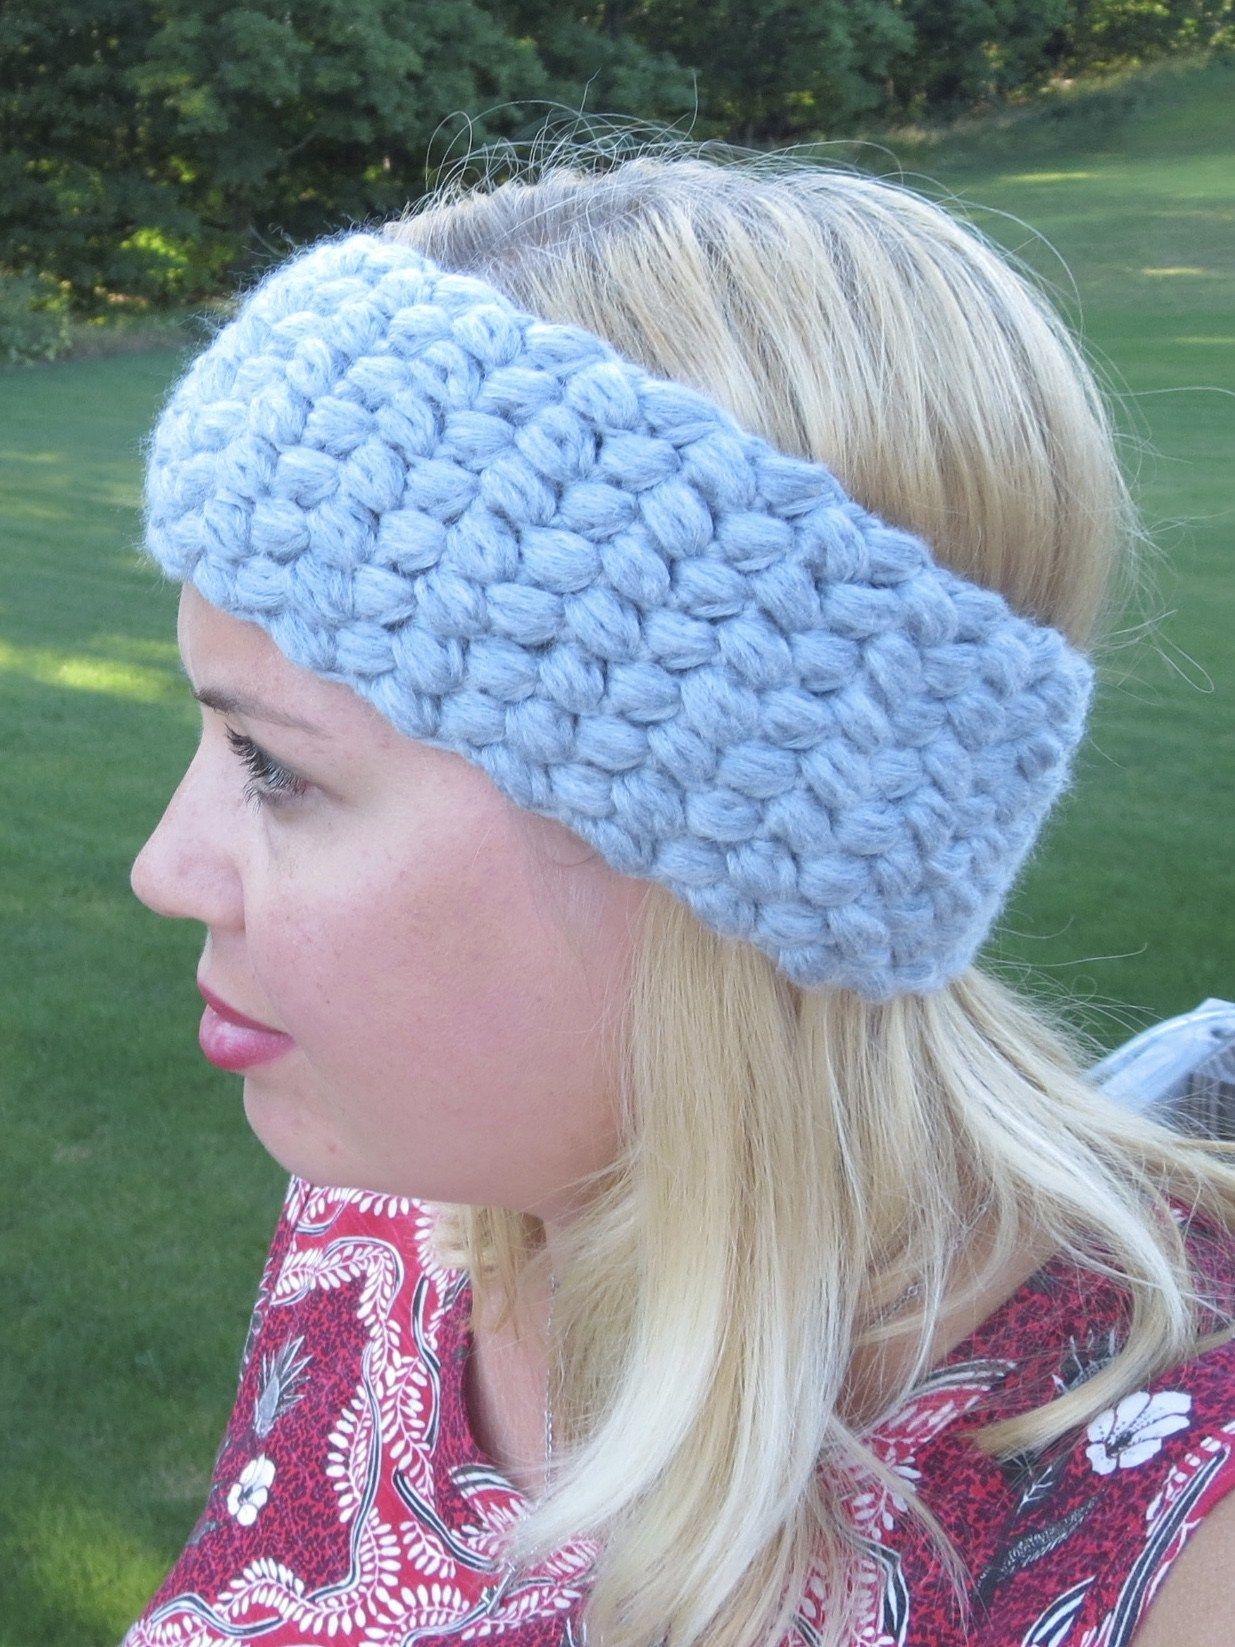 My Favorite Crochet Headband Pattern - | Crochet Ear Warmers, Hats ...